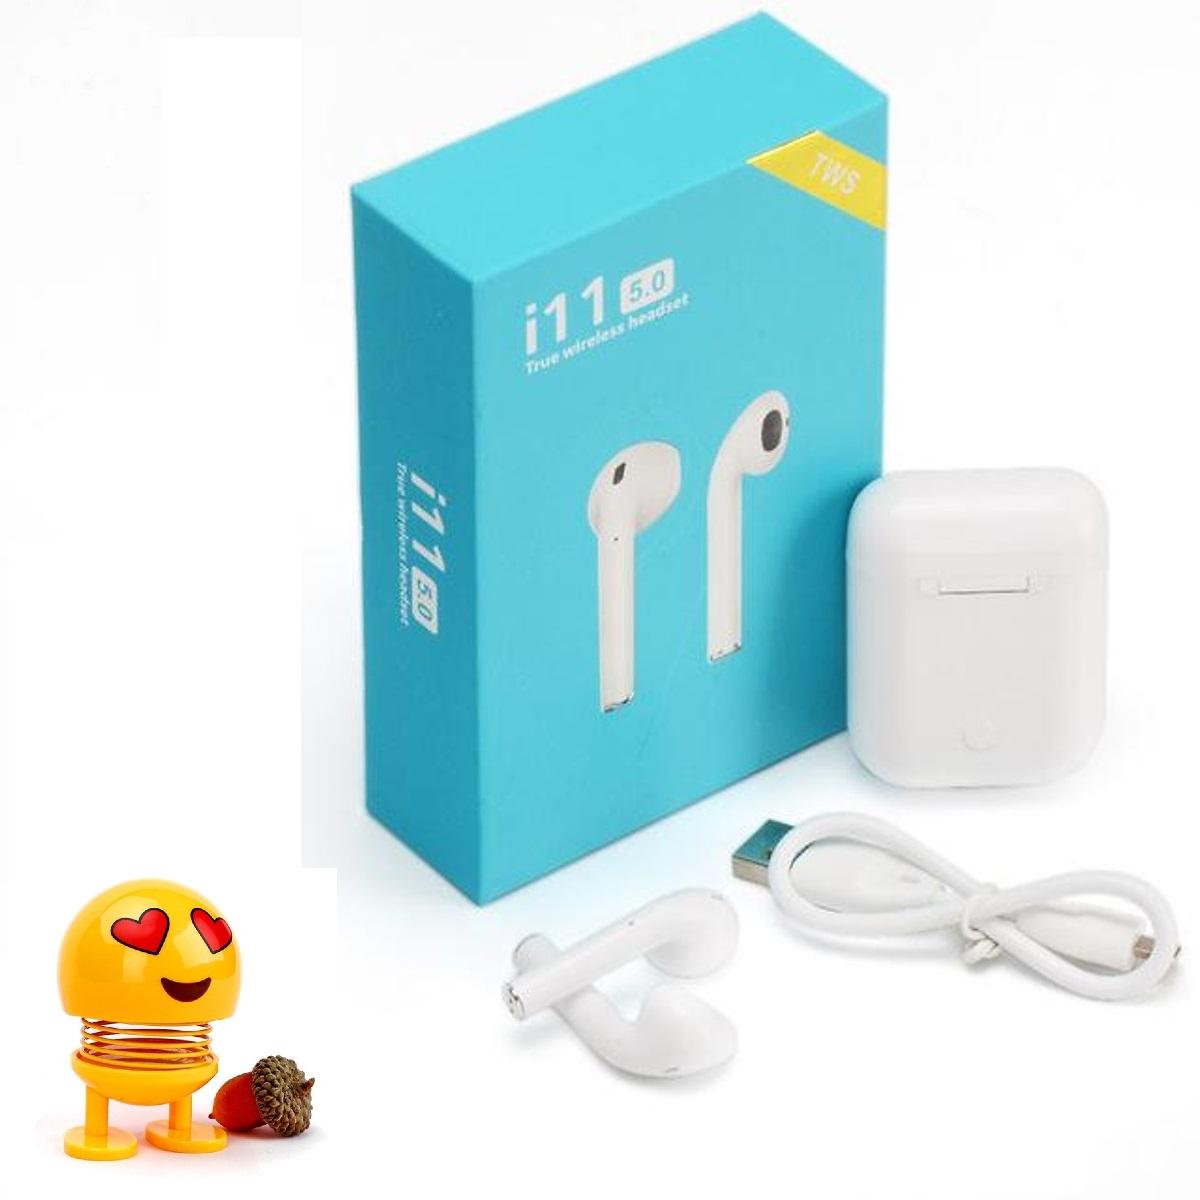 Tai Nghe Bluetooth Bản cảm ứng Không Dây i11 TWS - Hàng chính hãng - Tặng Emoji ngộ nghĩnh